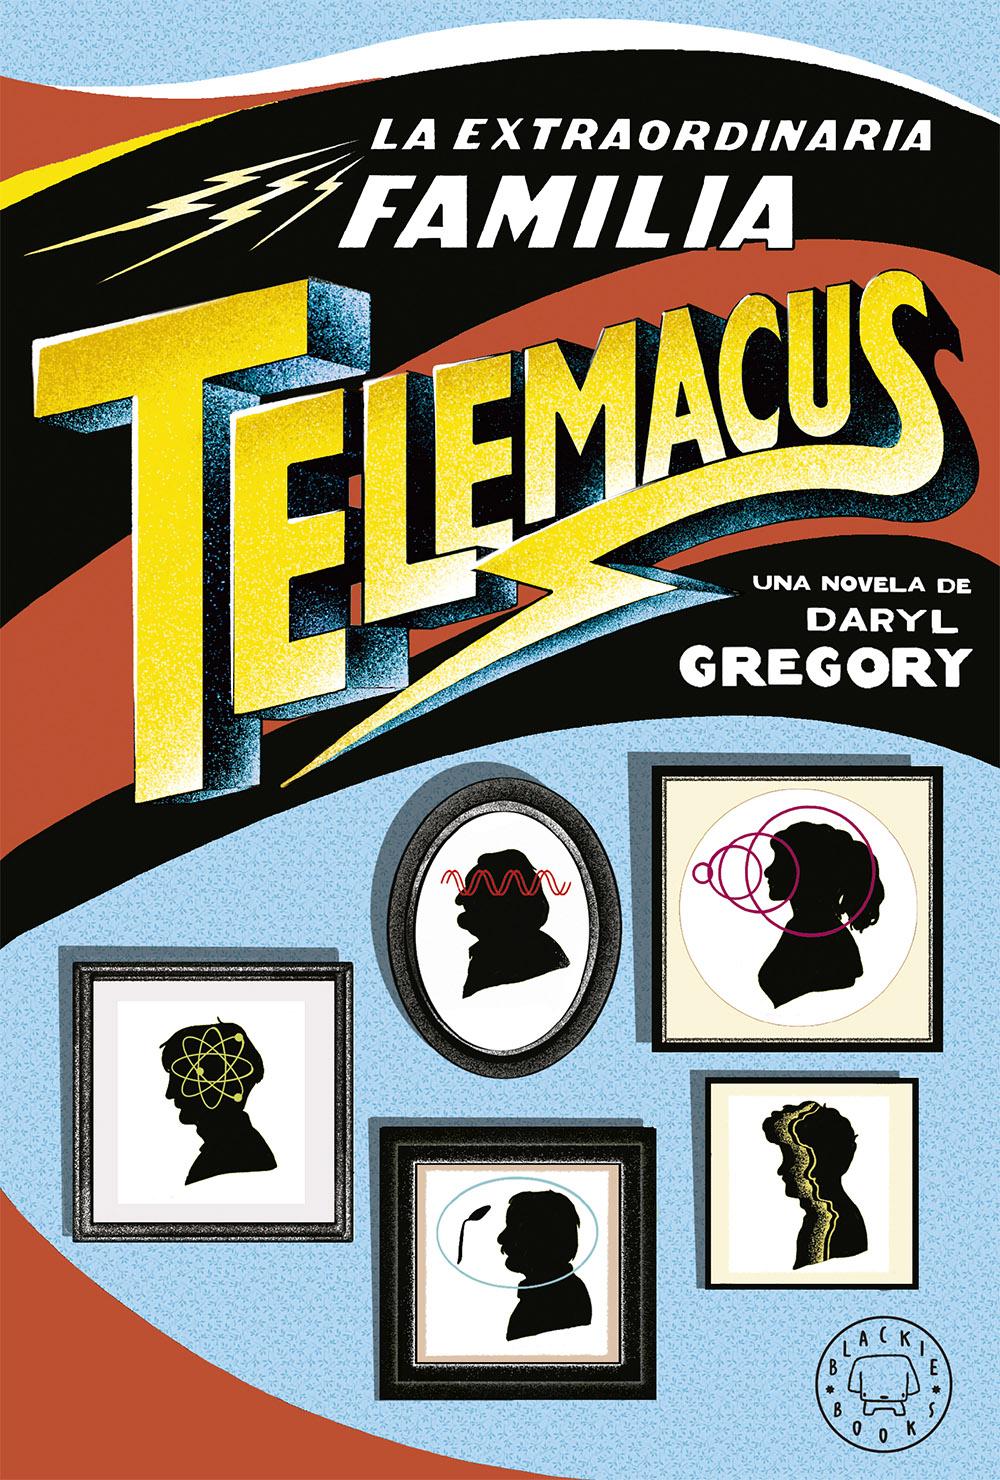 Blackie Books publica La extraordinaria familia Telemacus